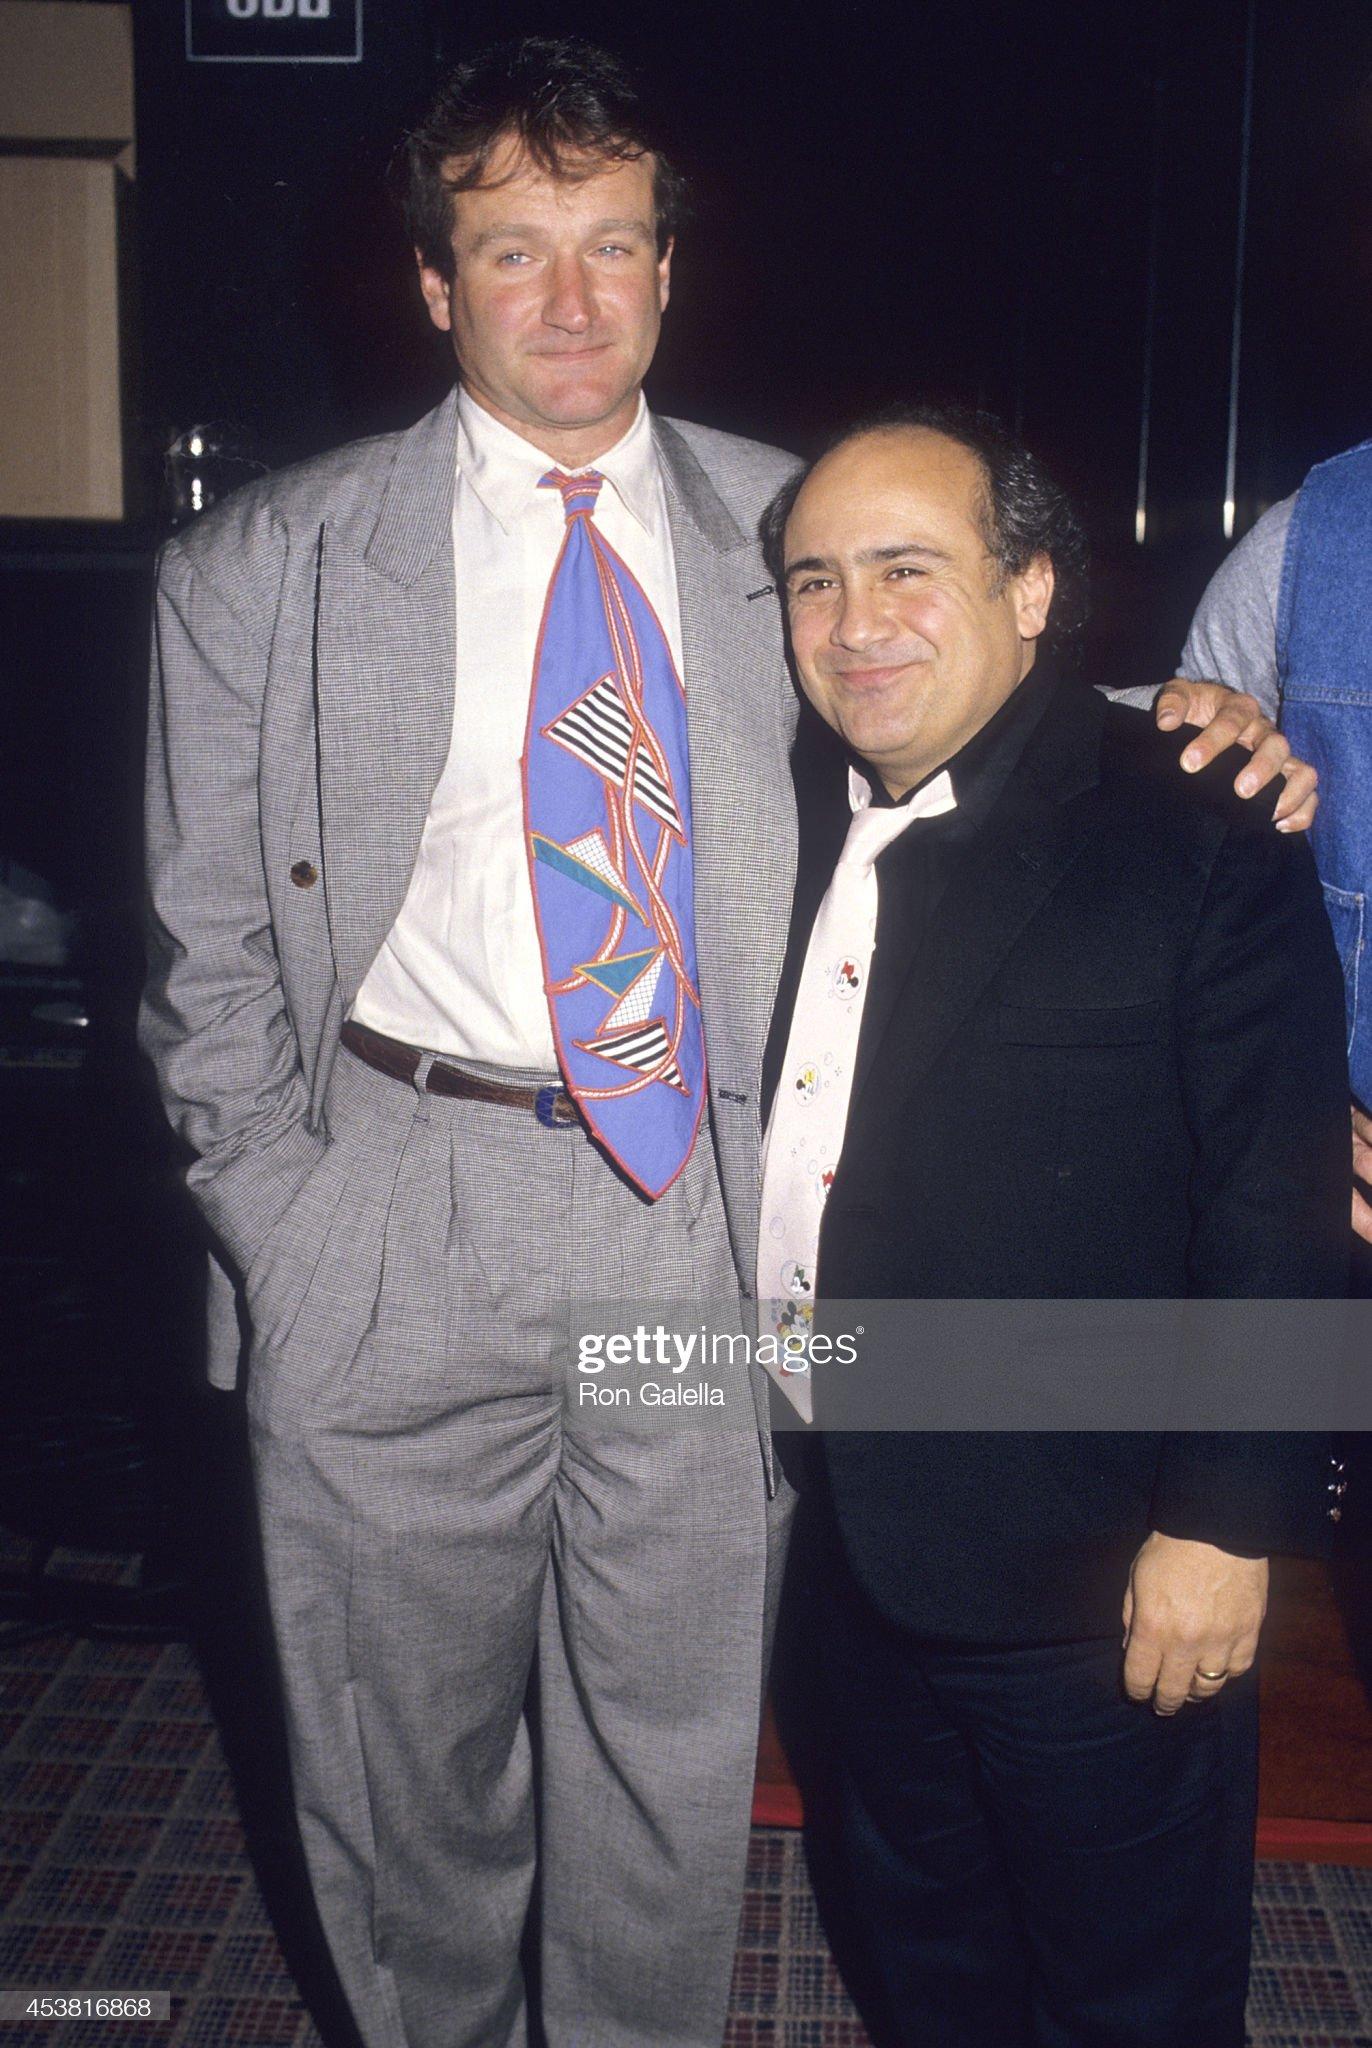 ¿Cuánto mide Danny Devito? - Altura - Real height - Página 2 Actor-robin-williams-atnd-actor-danny-devito-attend-the-13th-annual-picture-id453816868?s=2048x2048